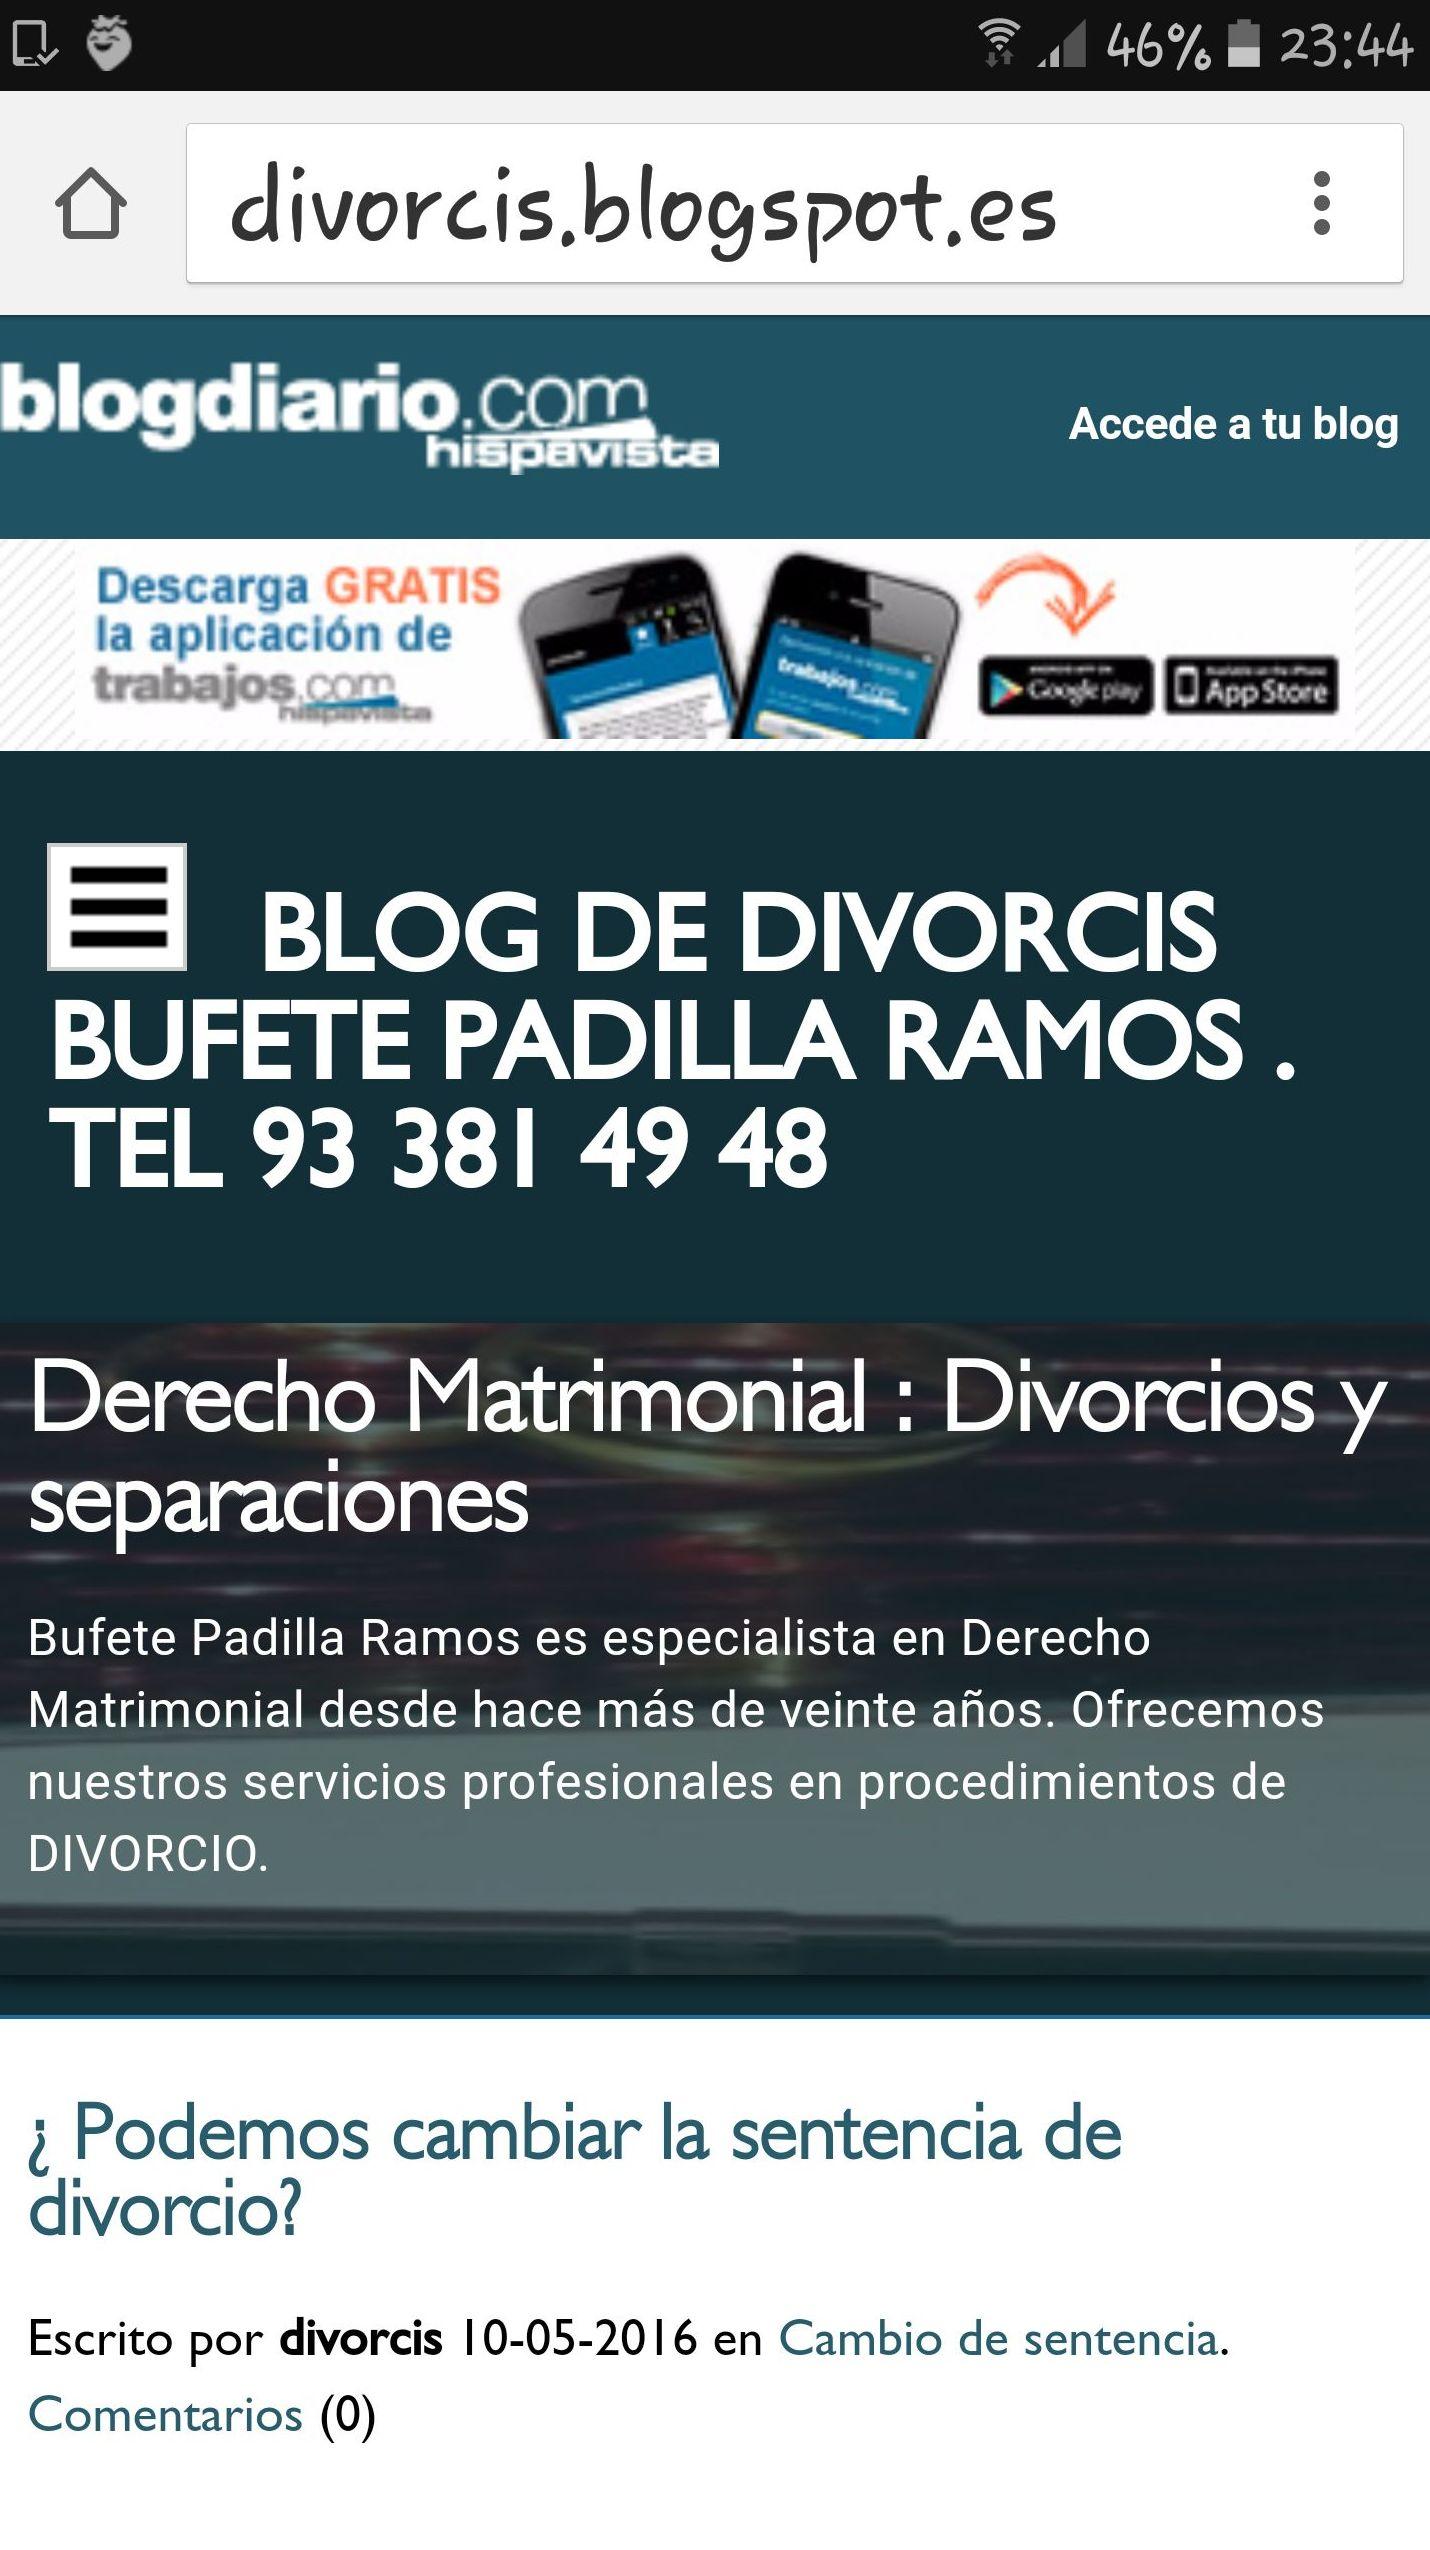 blog de divorcis